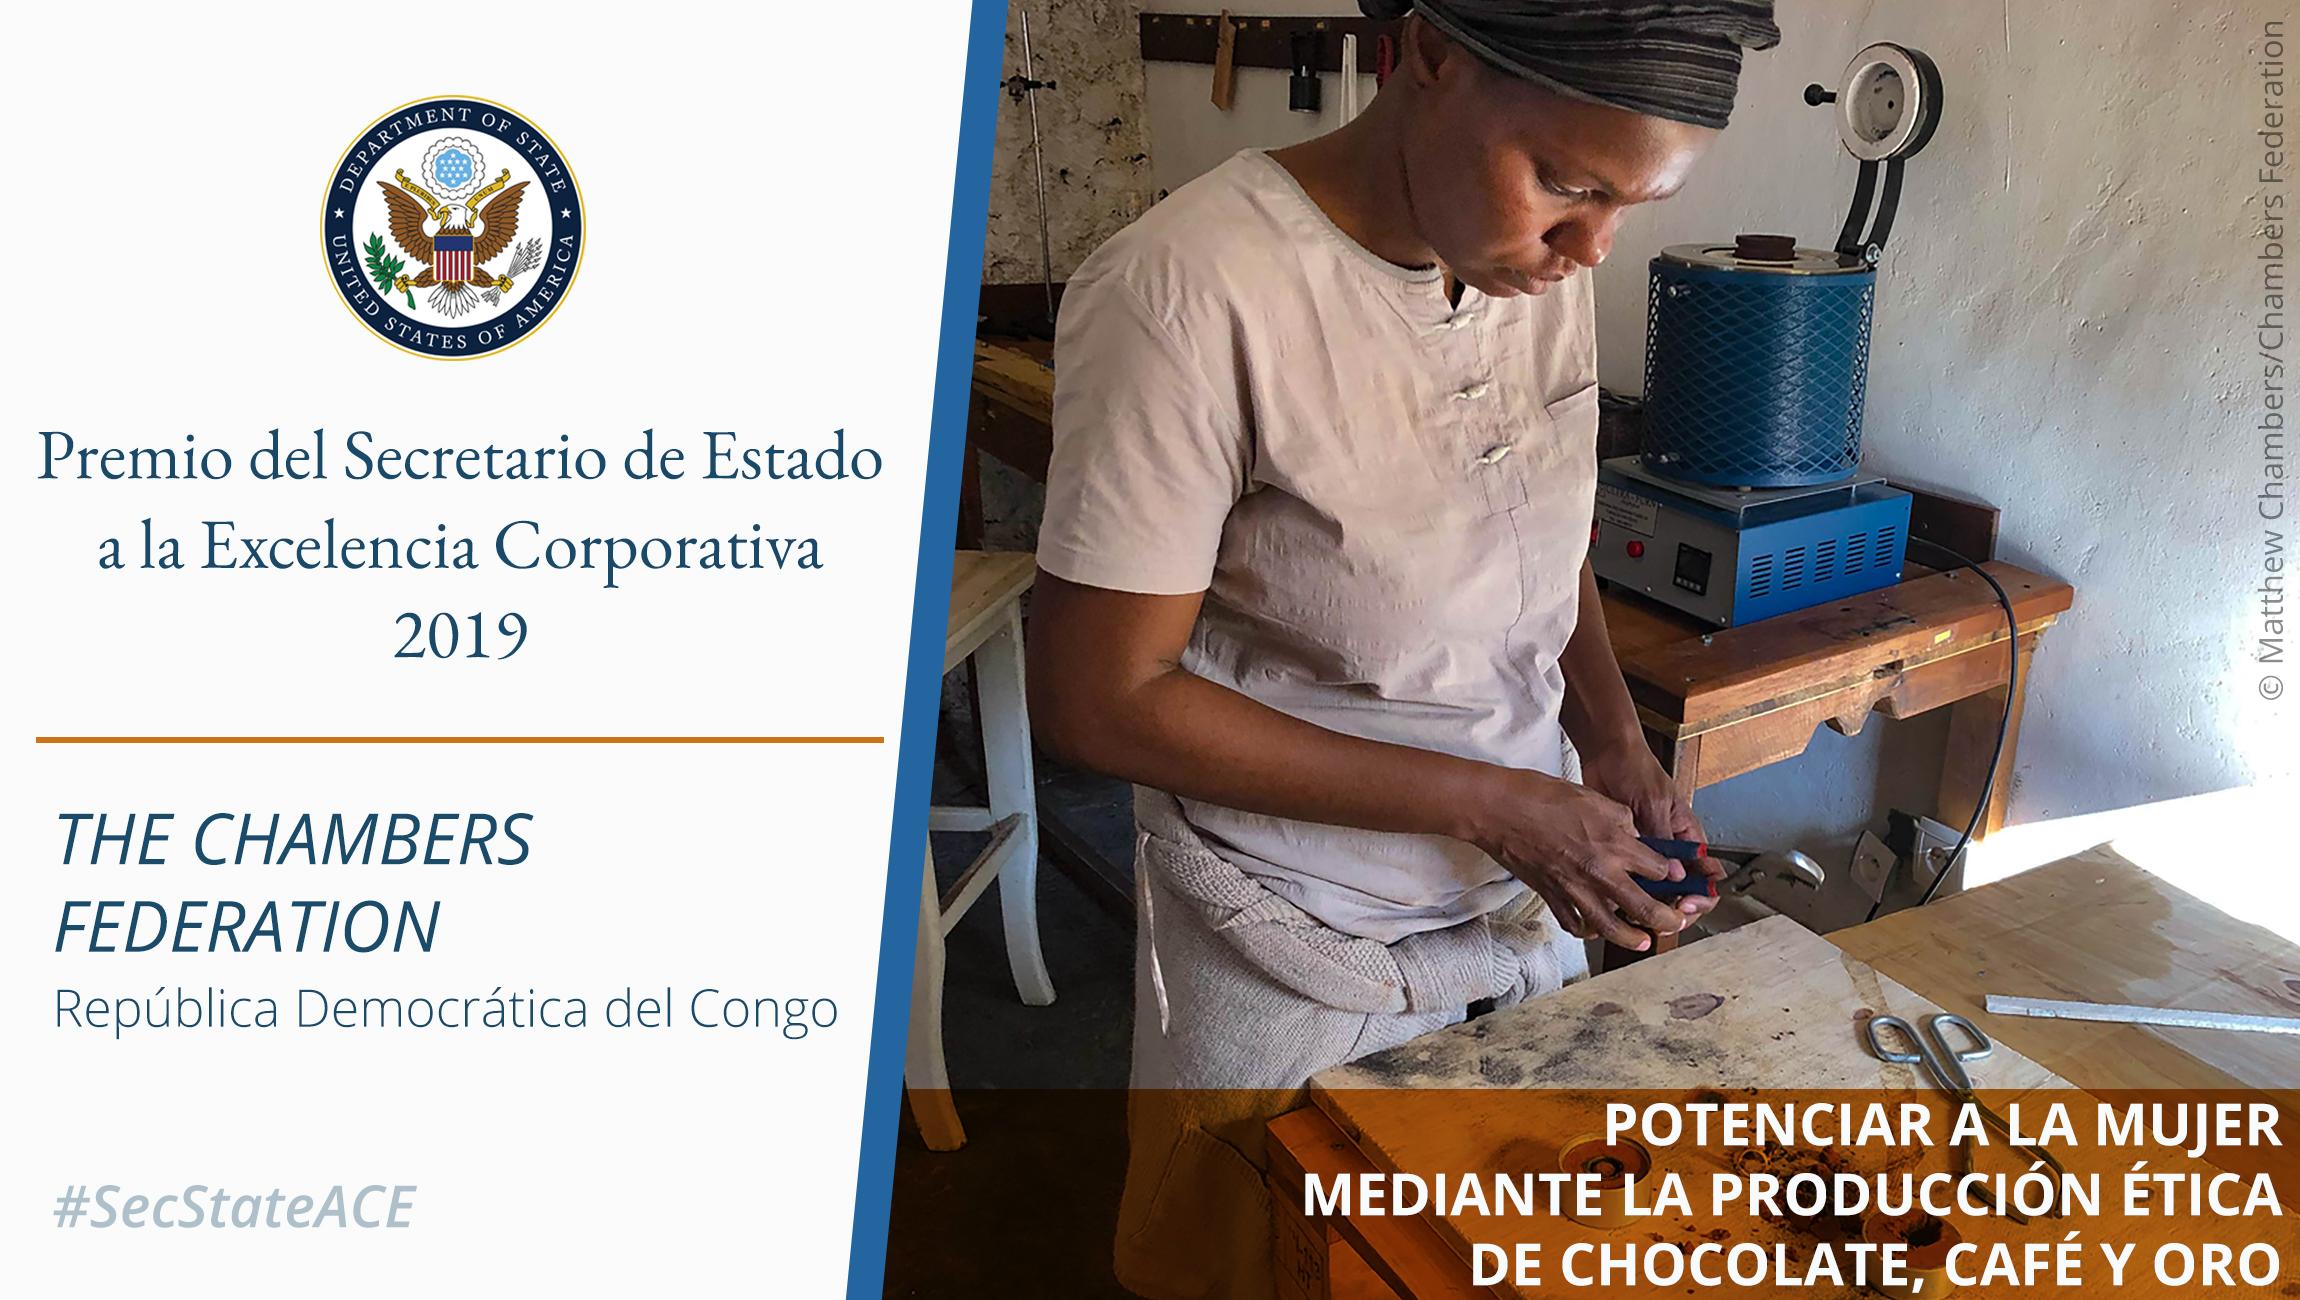 Mujer trabajando en una mesa, texto sobre el Premio a la Excelencia Corporativa (Departamento de Estado/Foto © Matthew Chambers/Chambers Federation)